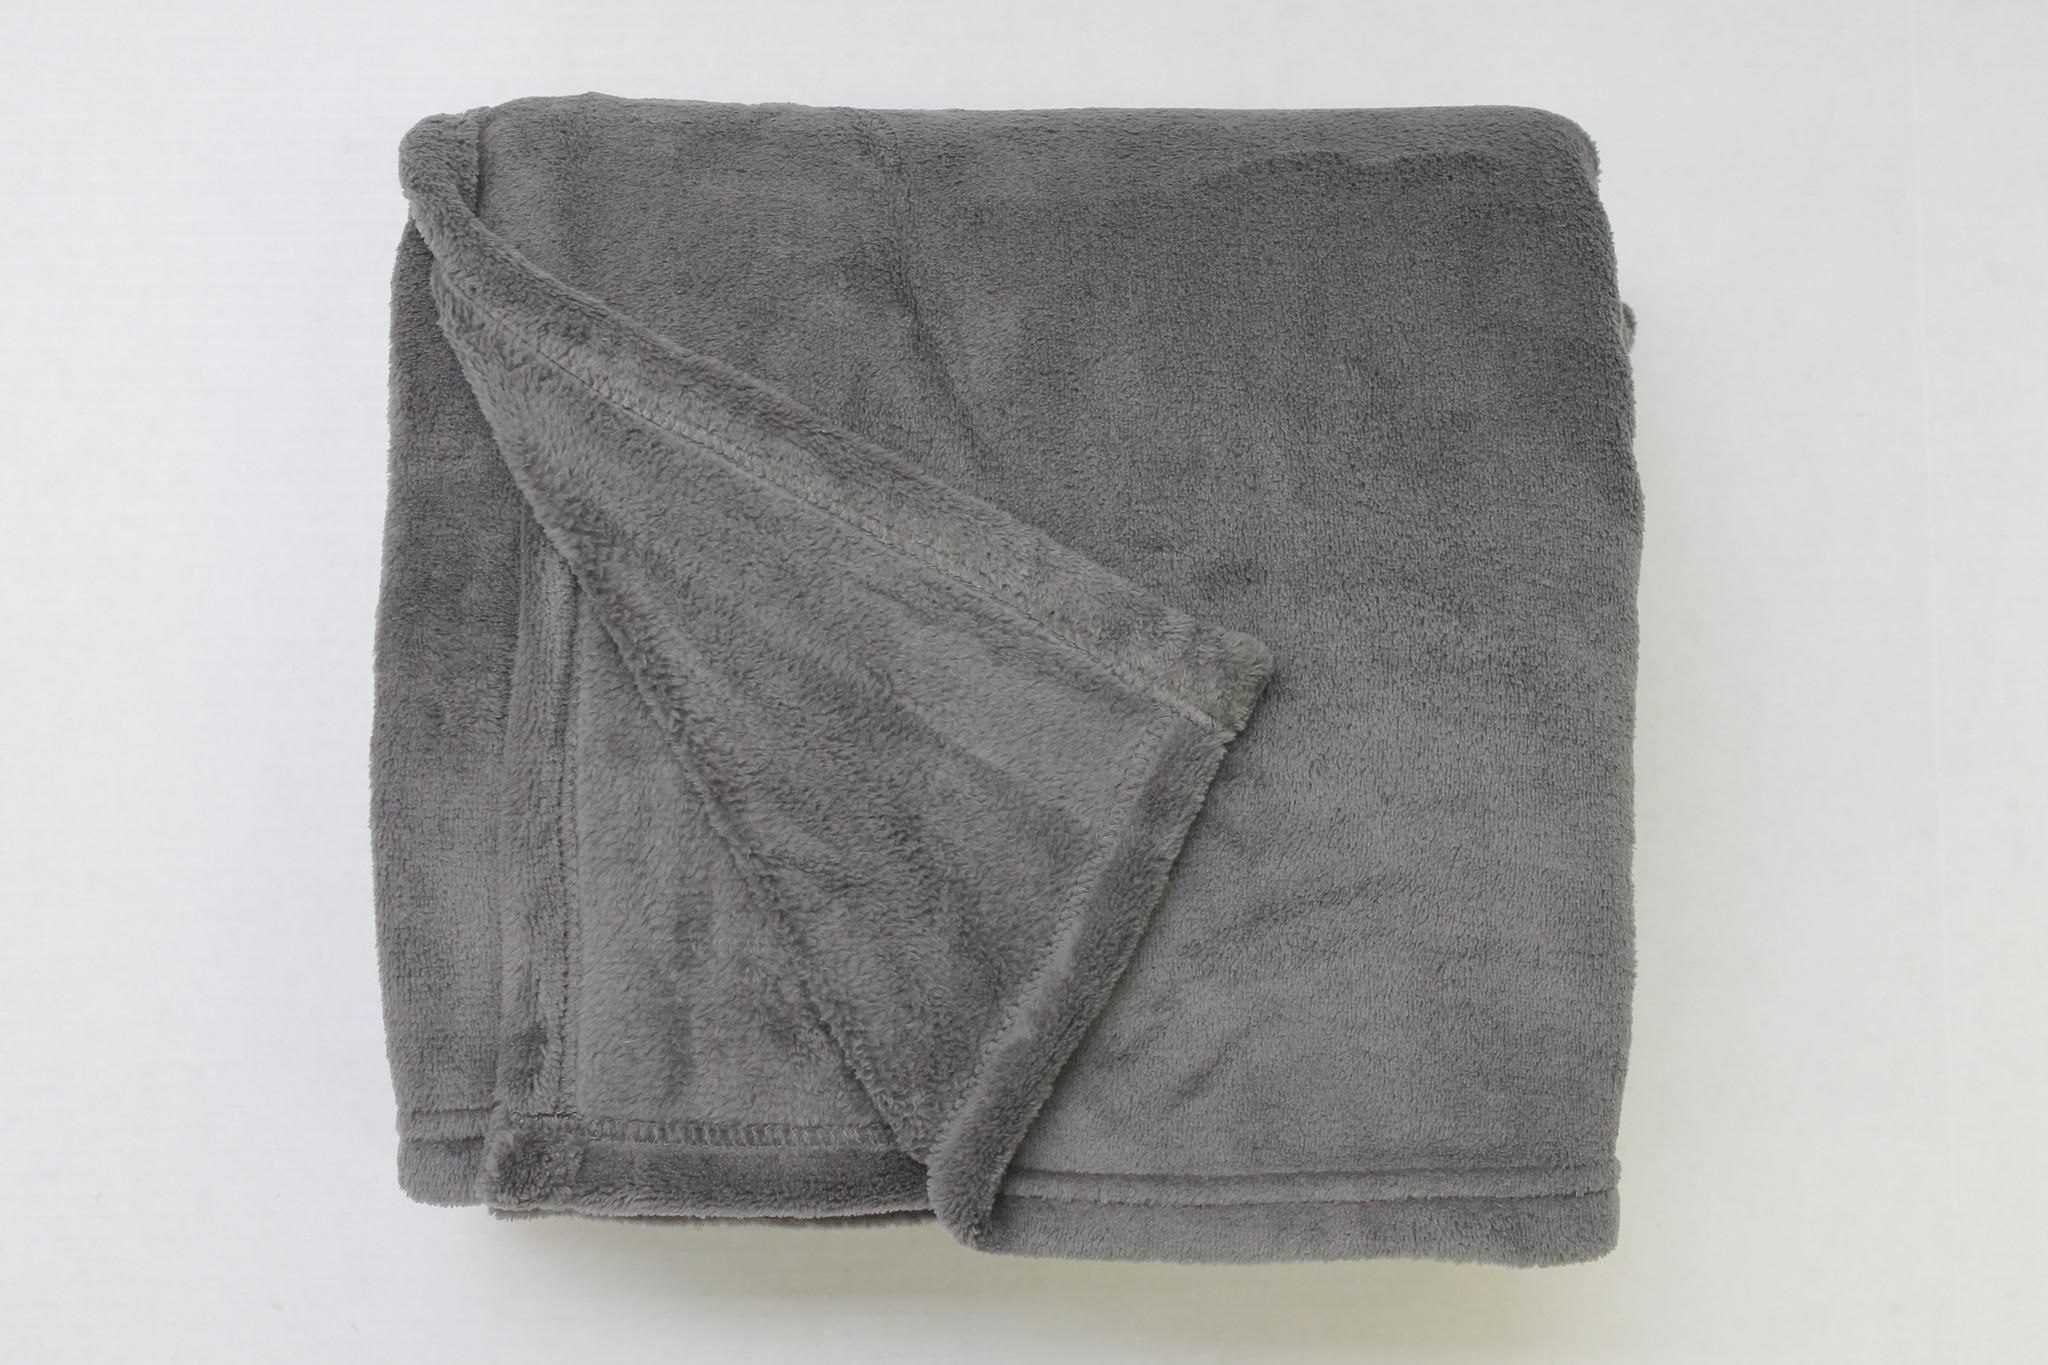 Dorm Package - 4 - Black/grey block print